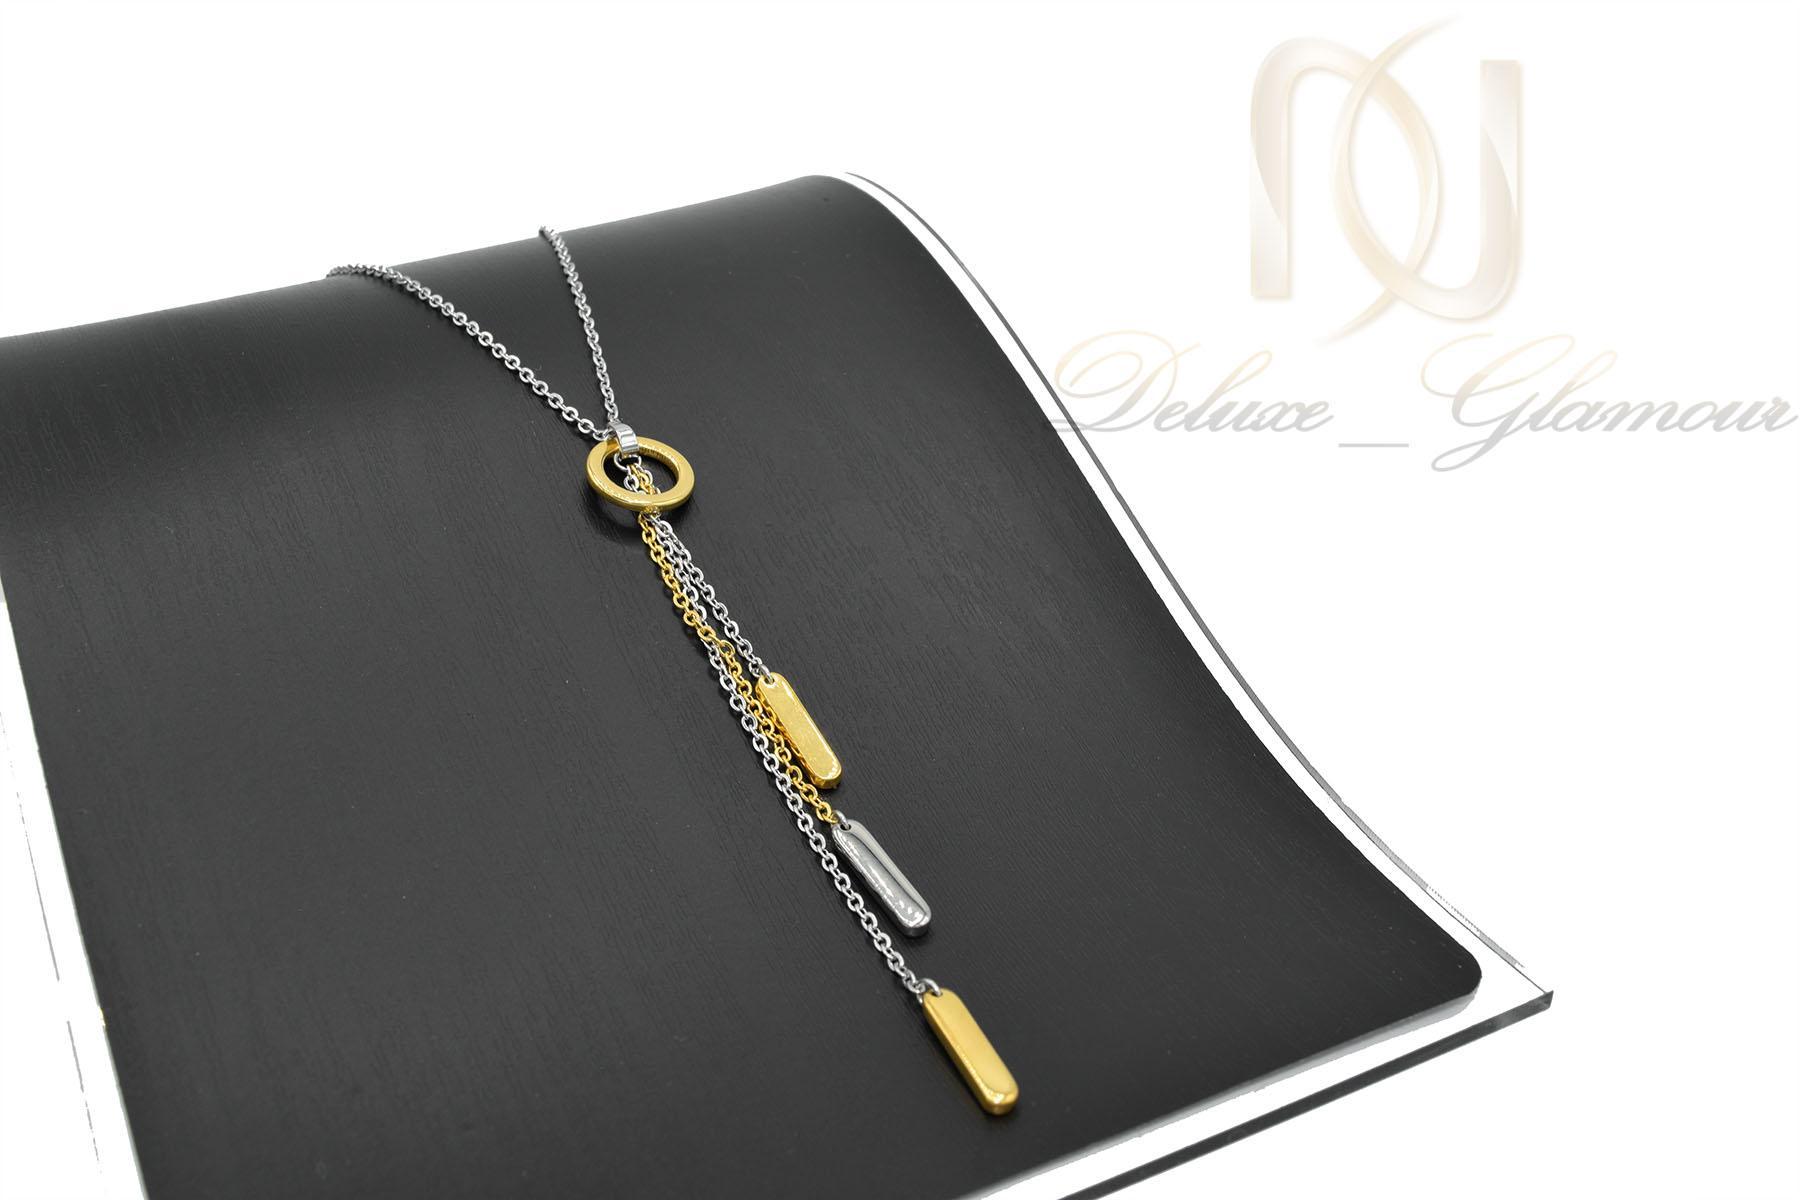 گردنبند رومانتویی بلند طلایی نقره ای استیل nw-n479 از نمای کنار